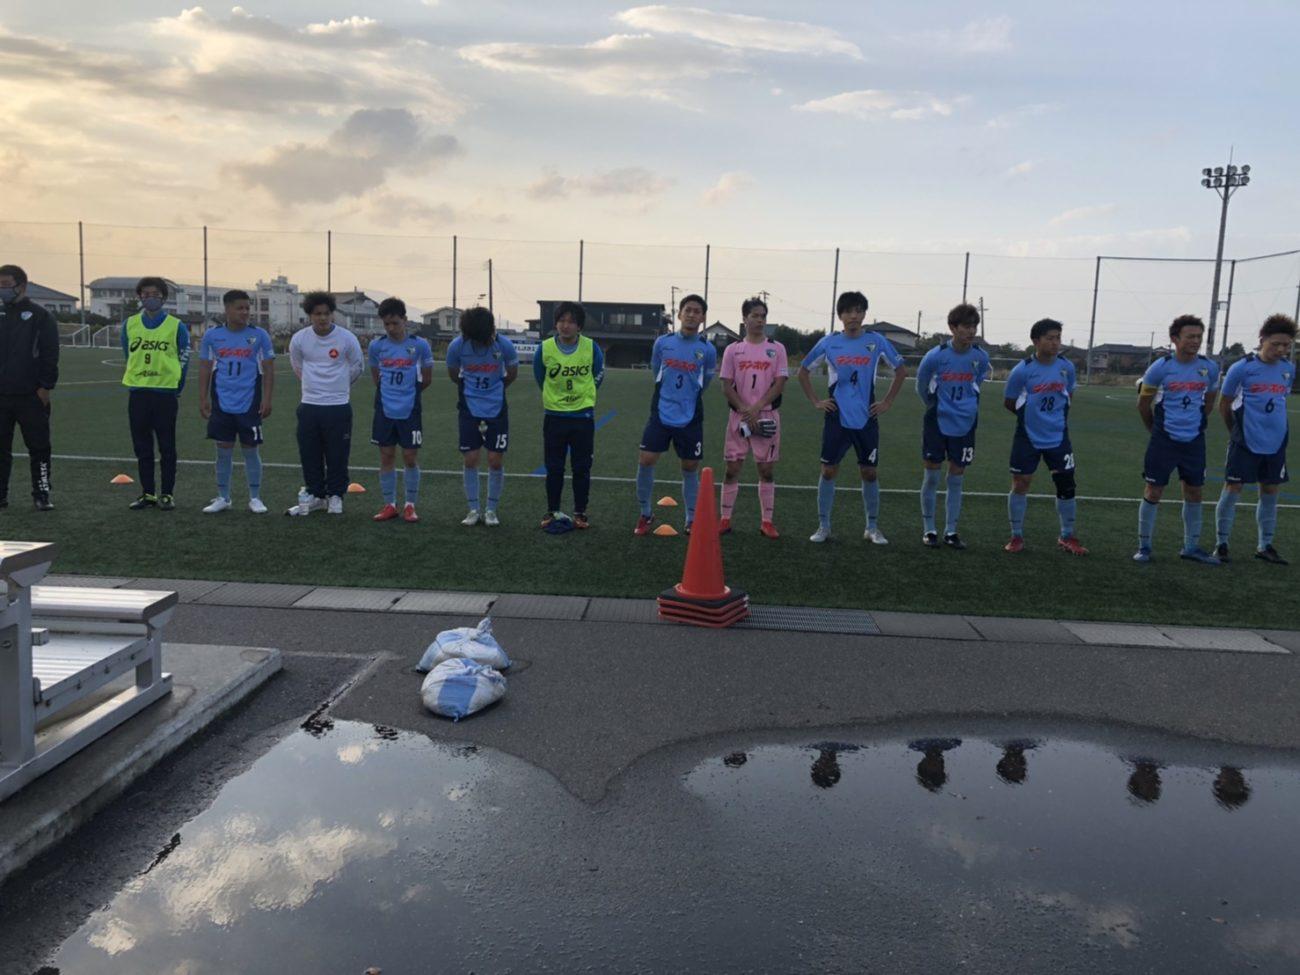 FCアビエス-第43回北信越チャレンジリーグ2020-第5節-試合終了